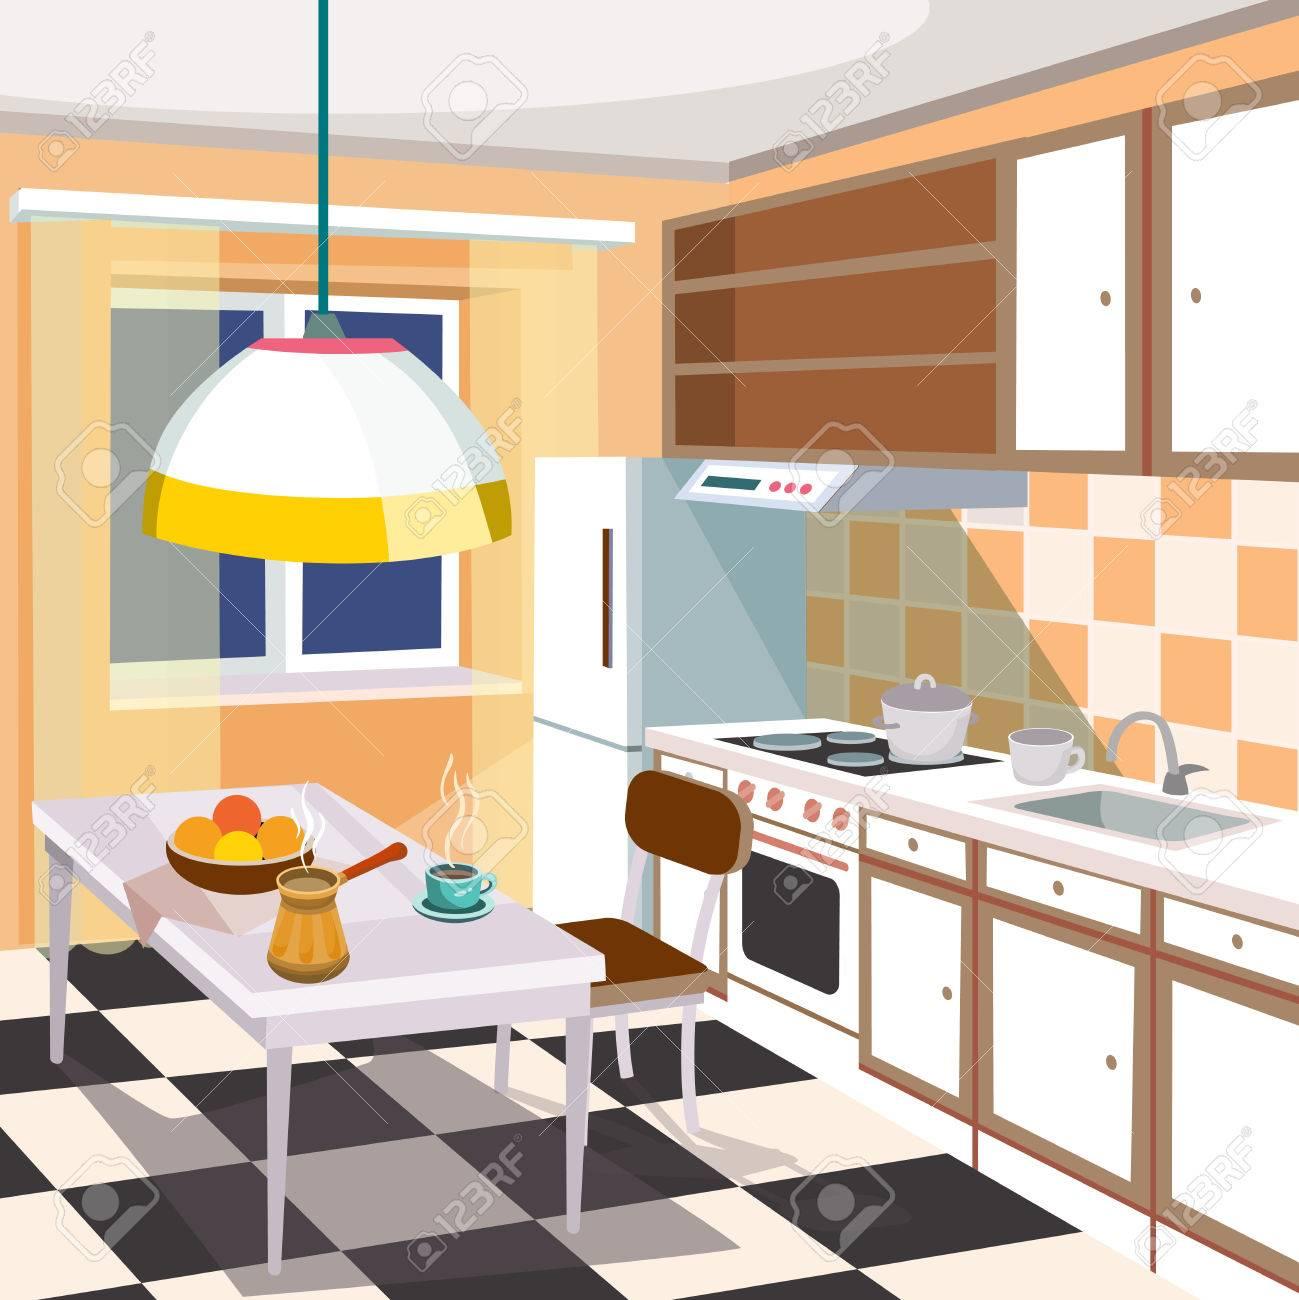 Großartig Retro Küche Ideen Von Standard-bild - Vector Cartoon Tration Eines Retro-küche